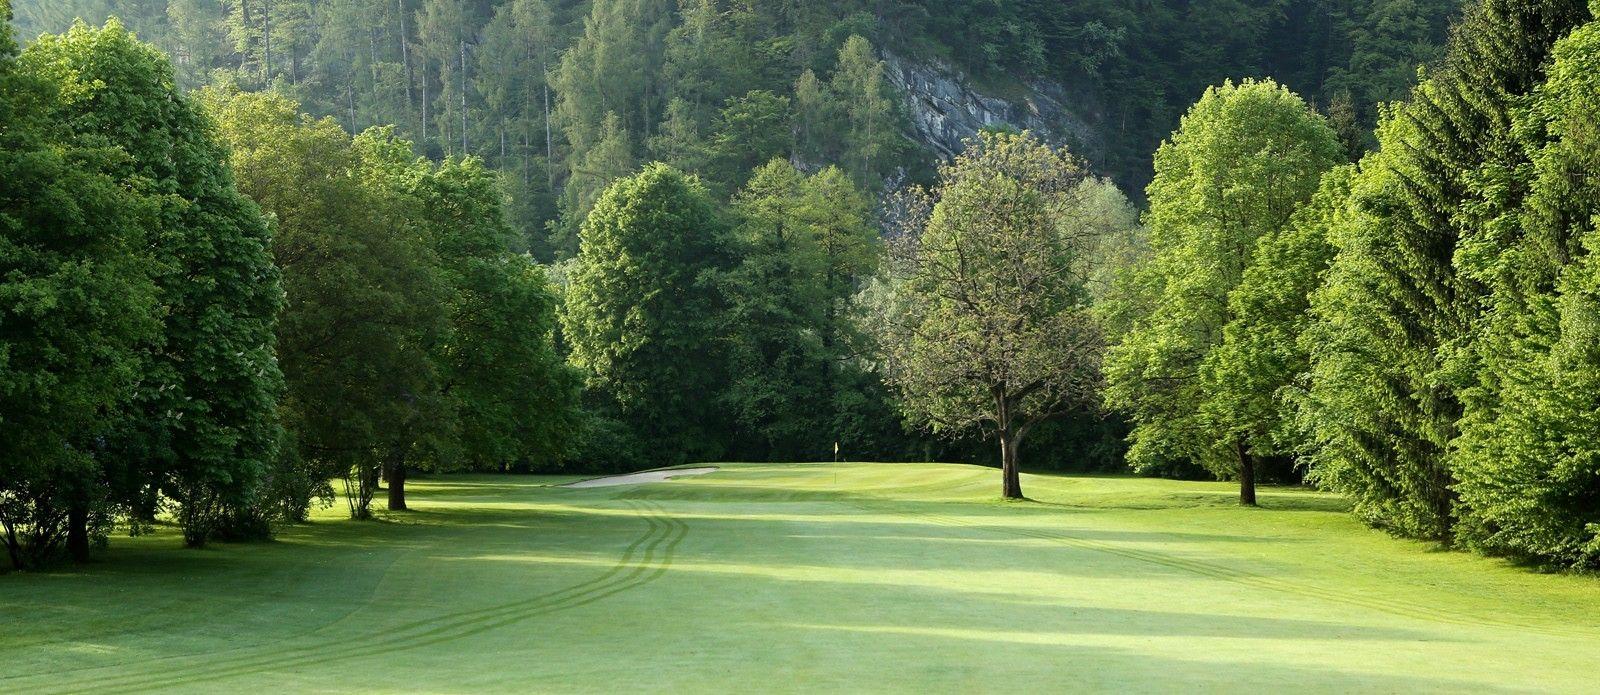 Steiermarkischer golf club murhof cover picture